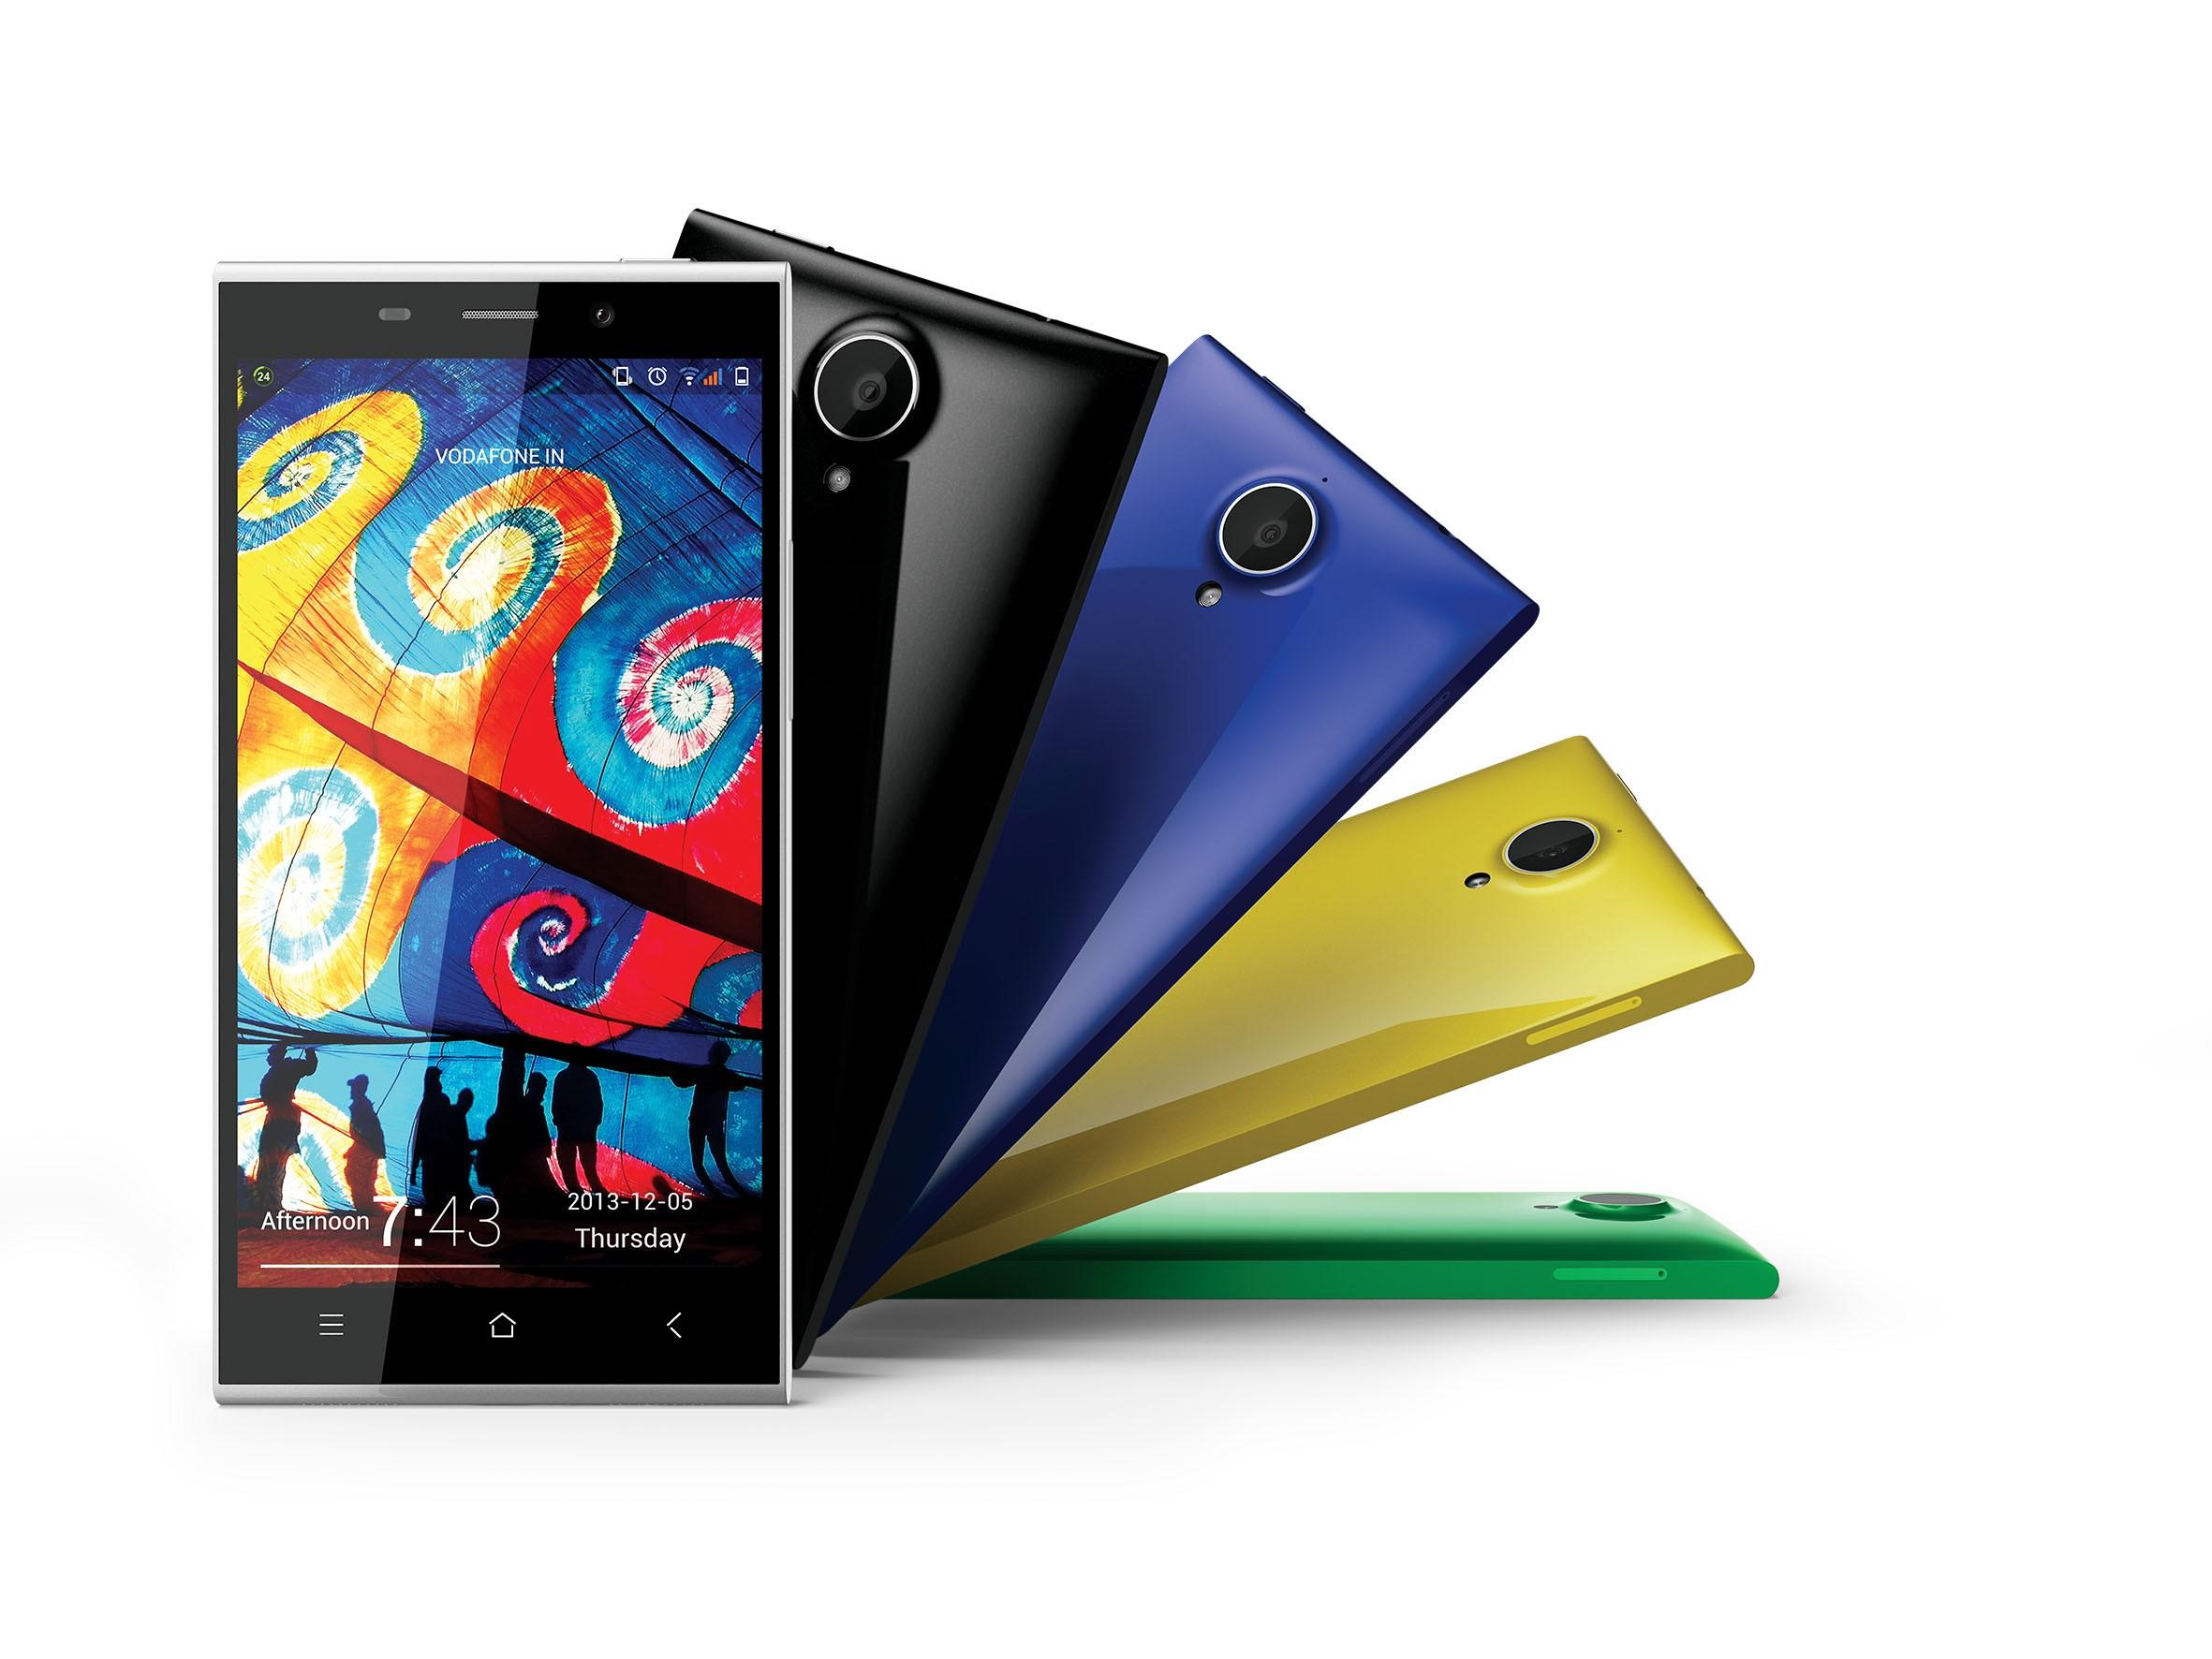 Gionee ELIFE E7. - Apple iPad Air sẽ có nâng cấp chip A8 và Touch ID trong 2014